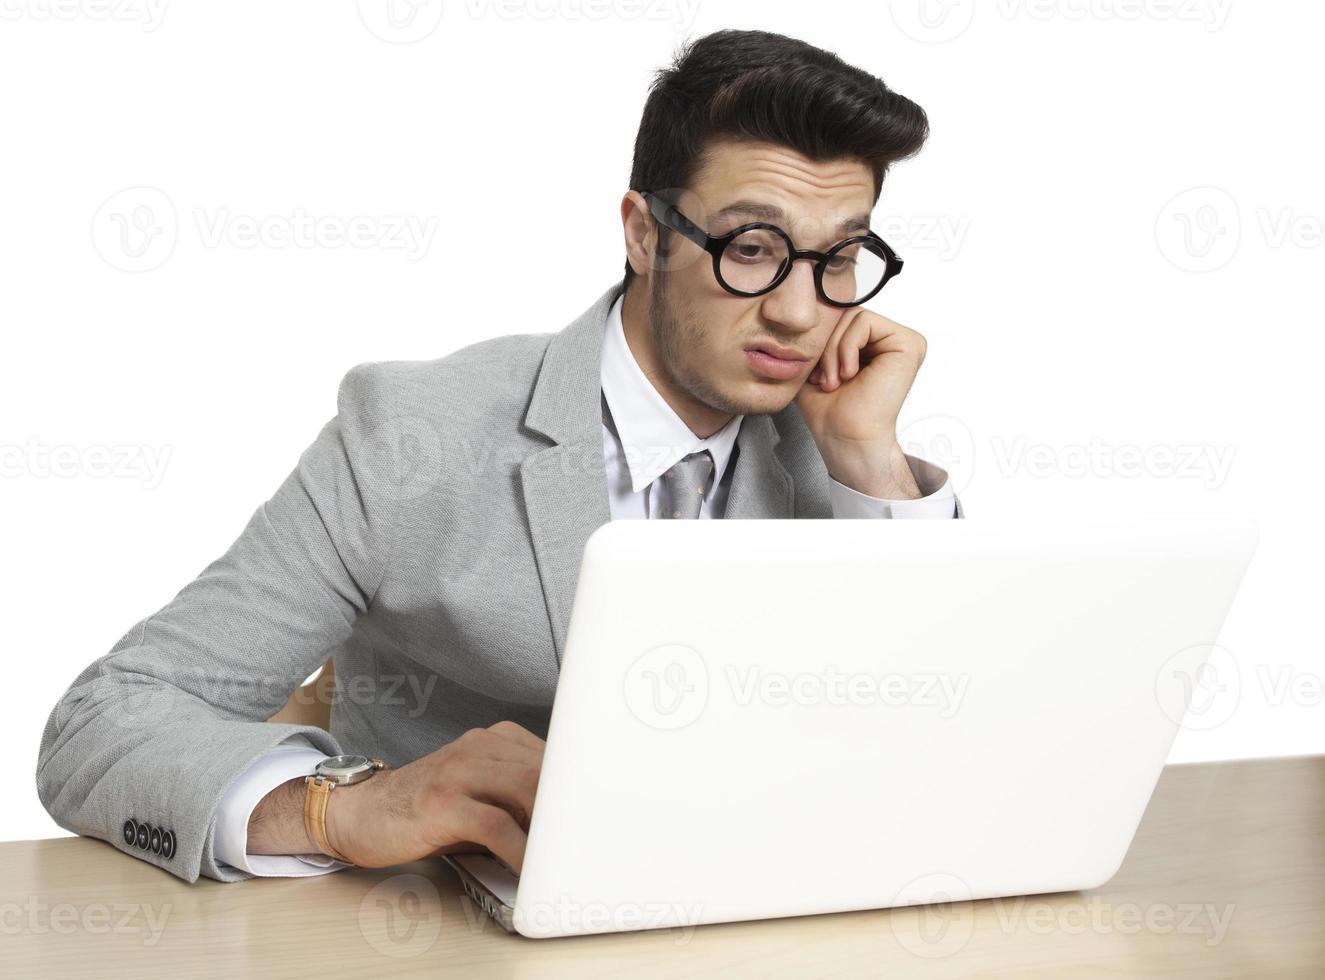 besorgter Geschäftsmann in Stress foto